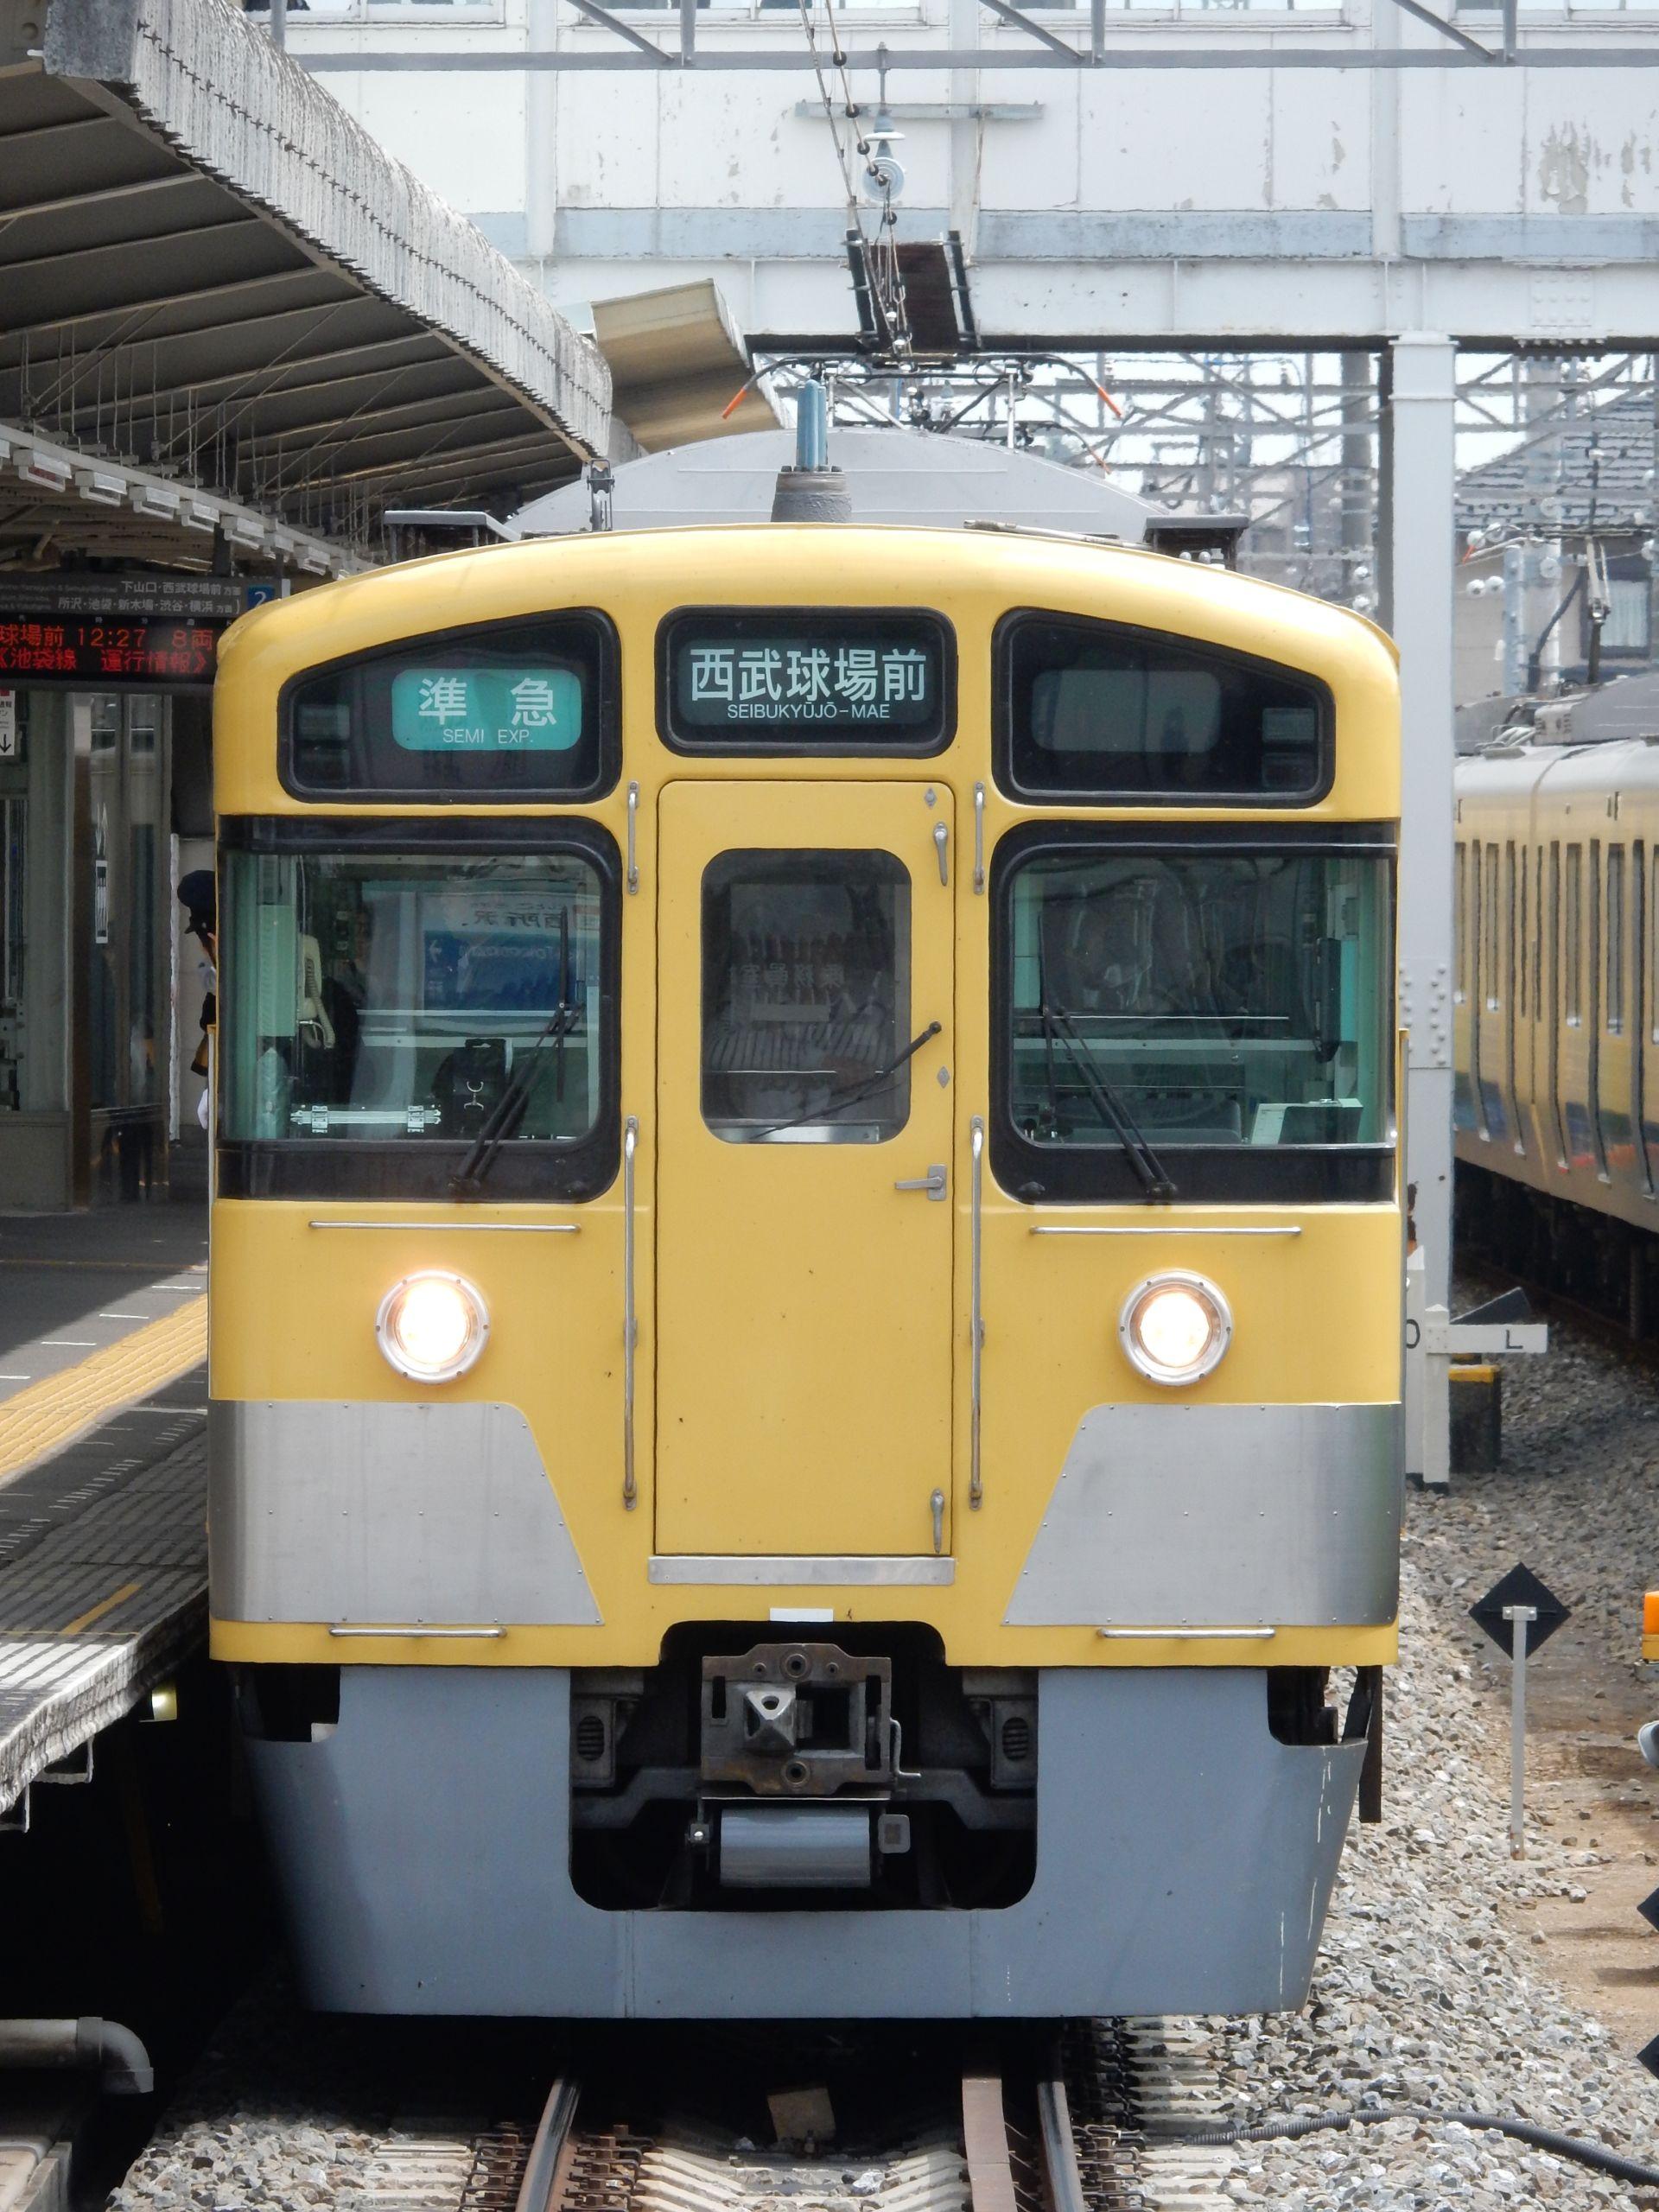 DSCN8080 - コピー